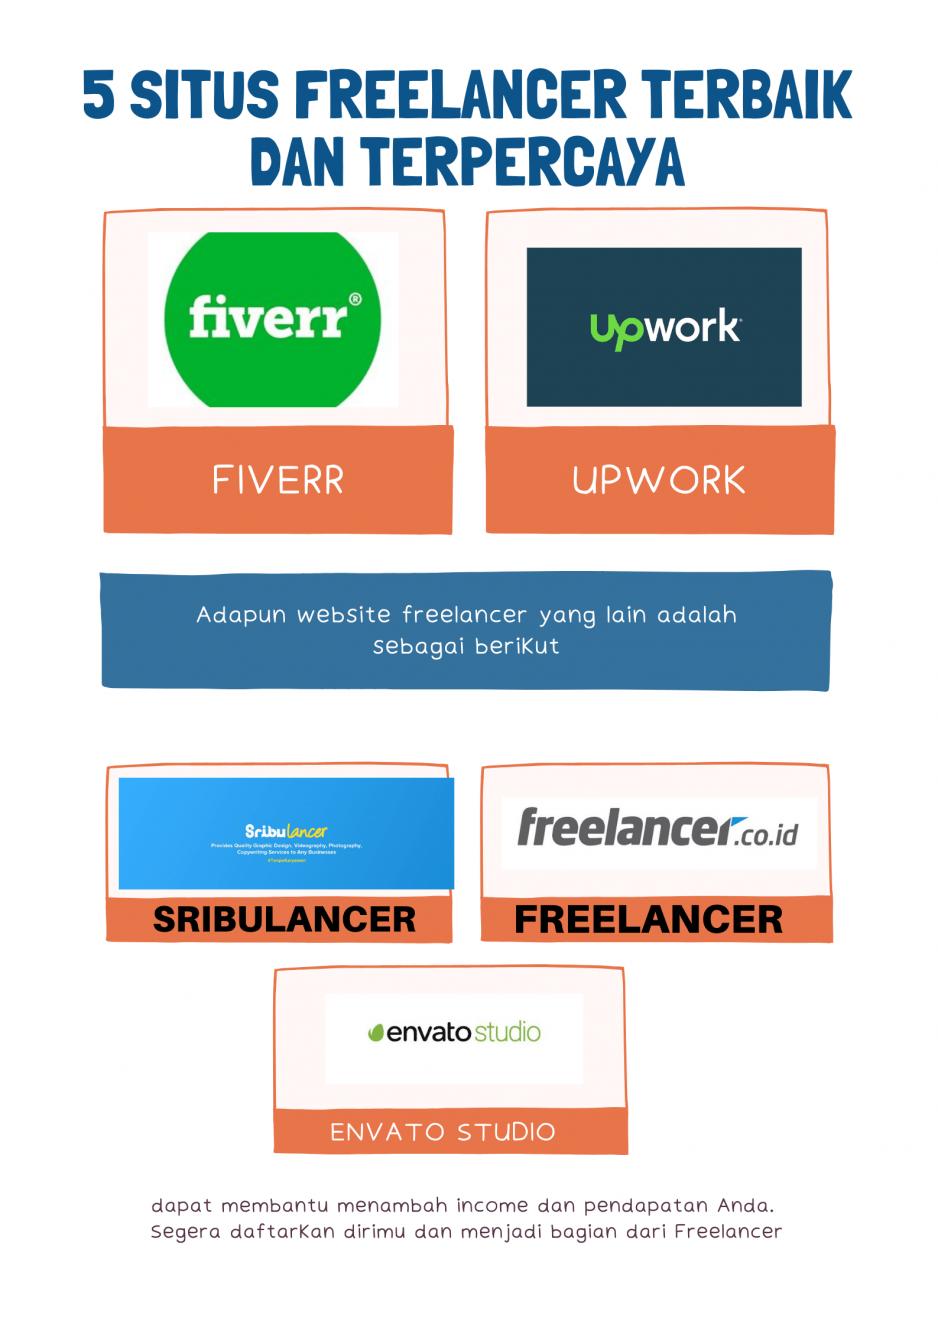 5 Situs Freelancer terpercaya dan terbaik